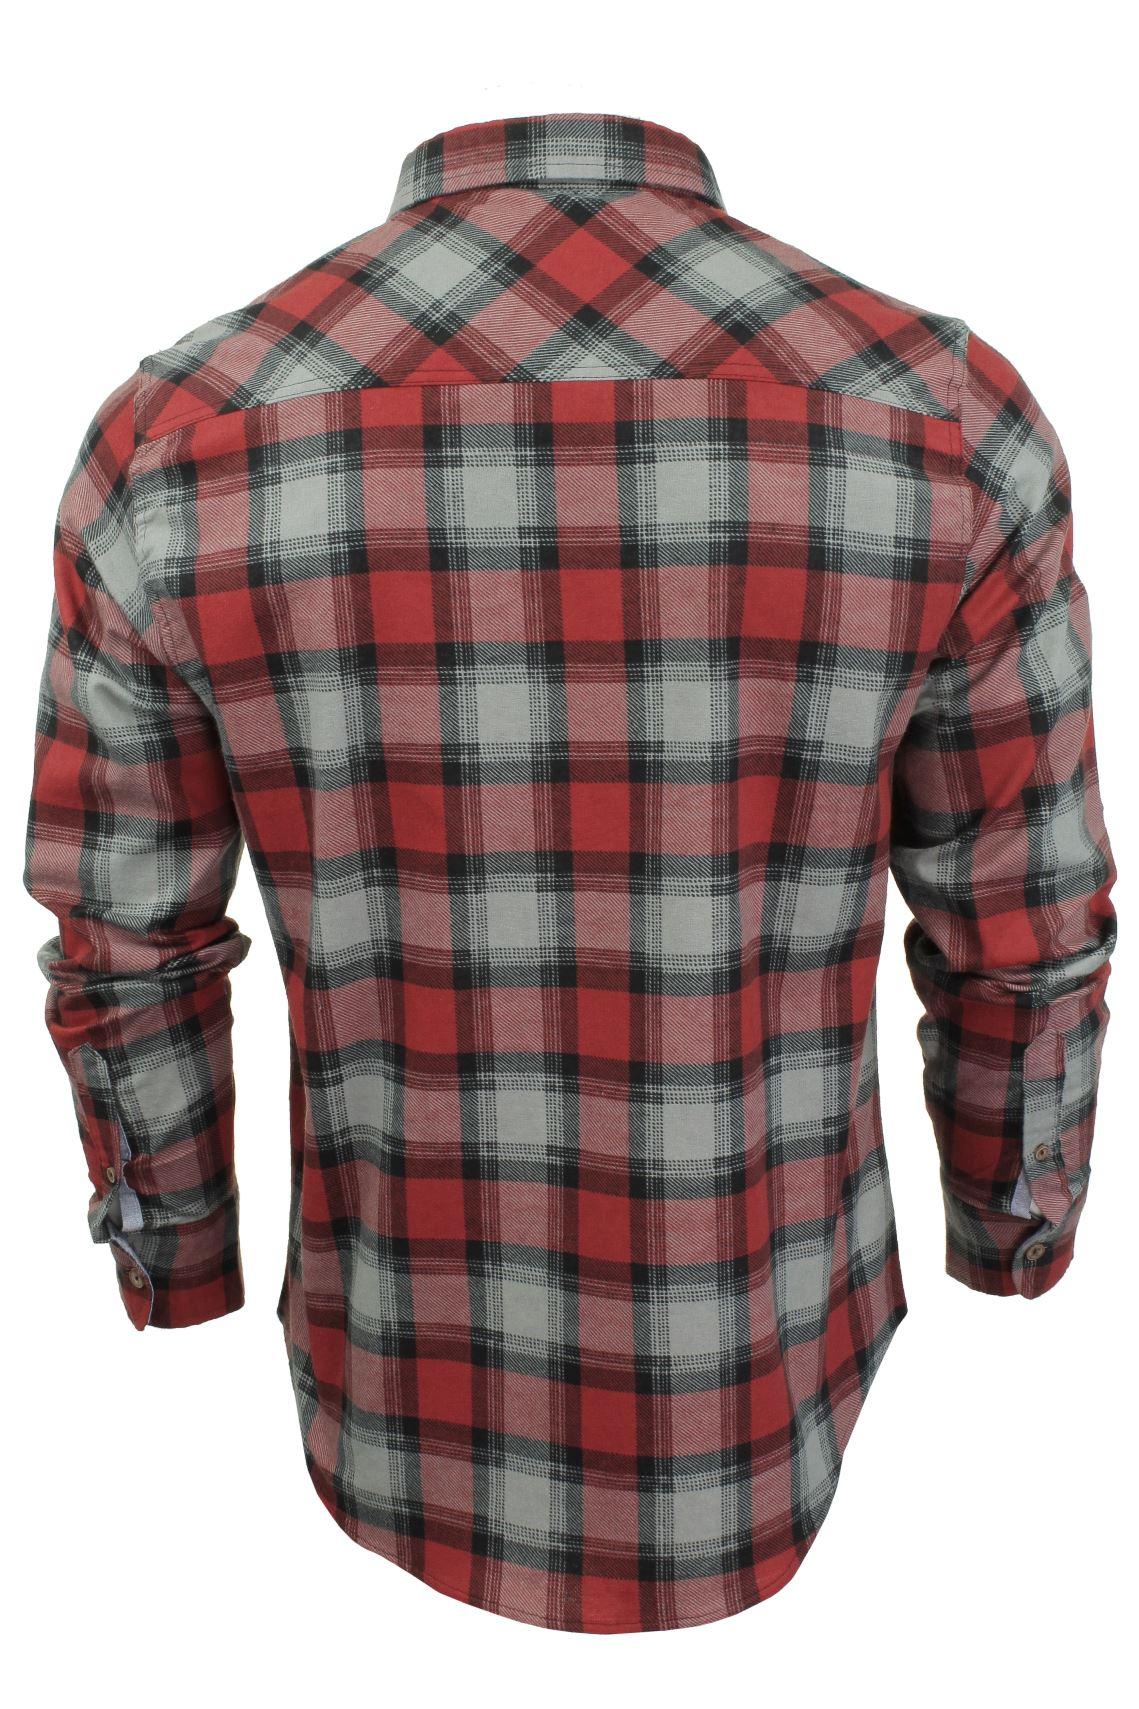 Verificacion-de-franela-de-algodon-cepillado-alma-valiente-camisa-de-mangas-largas-De-Jack miniatura 18